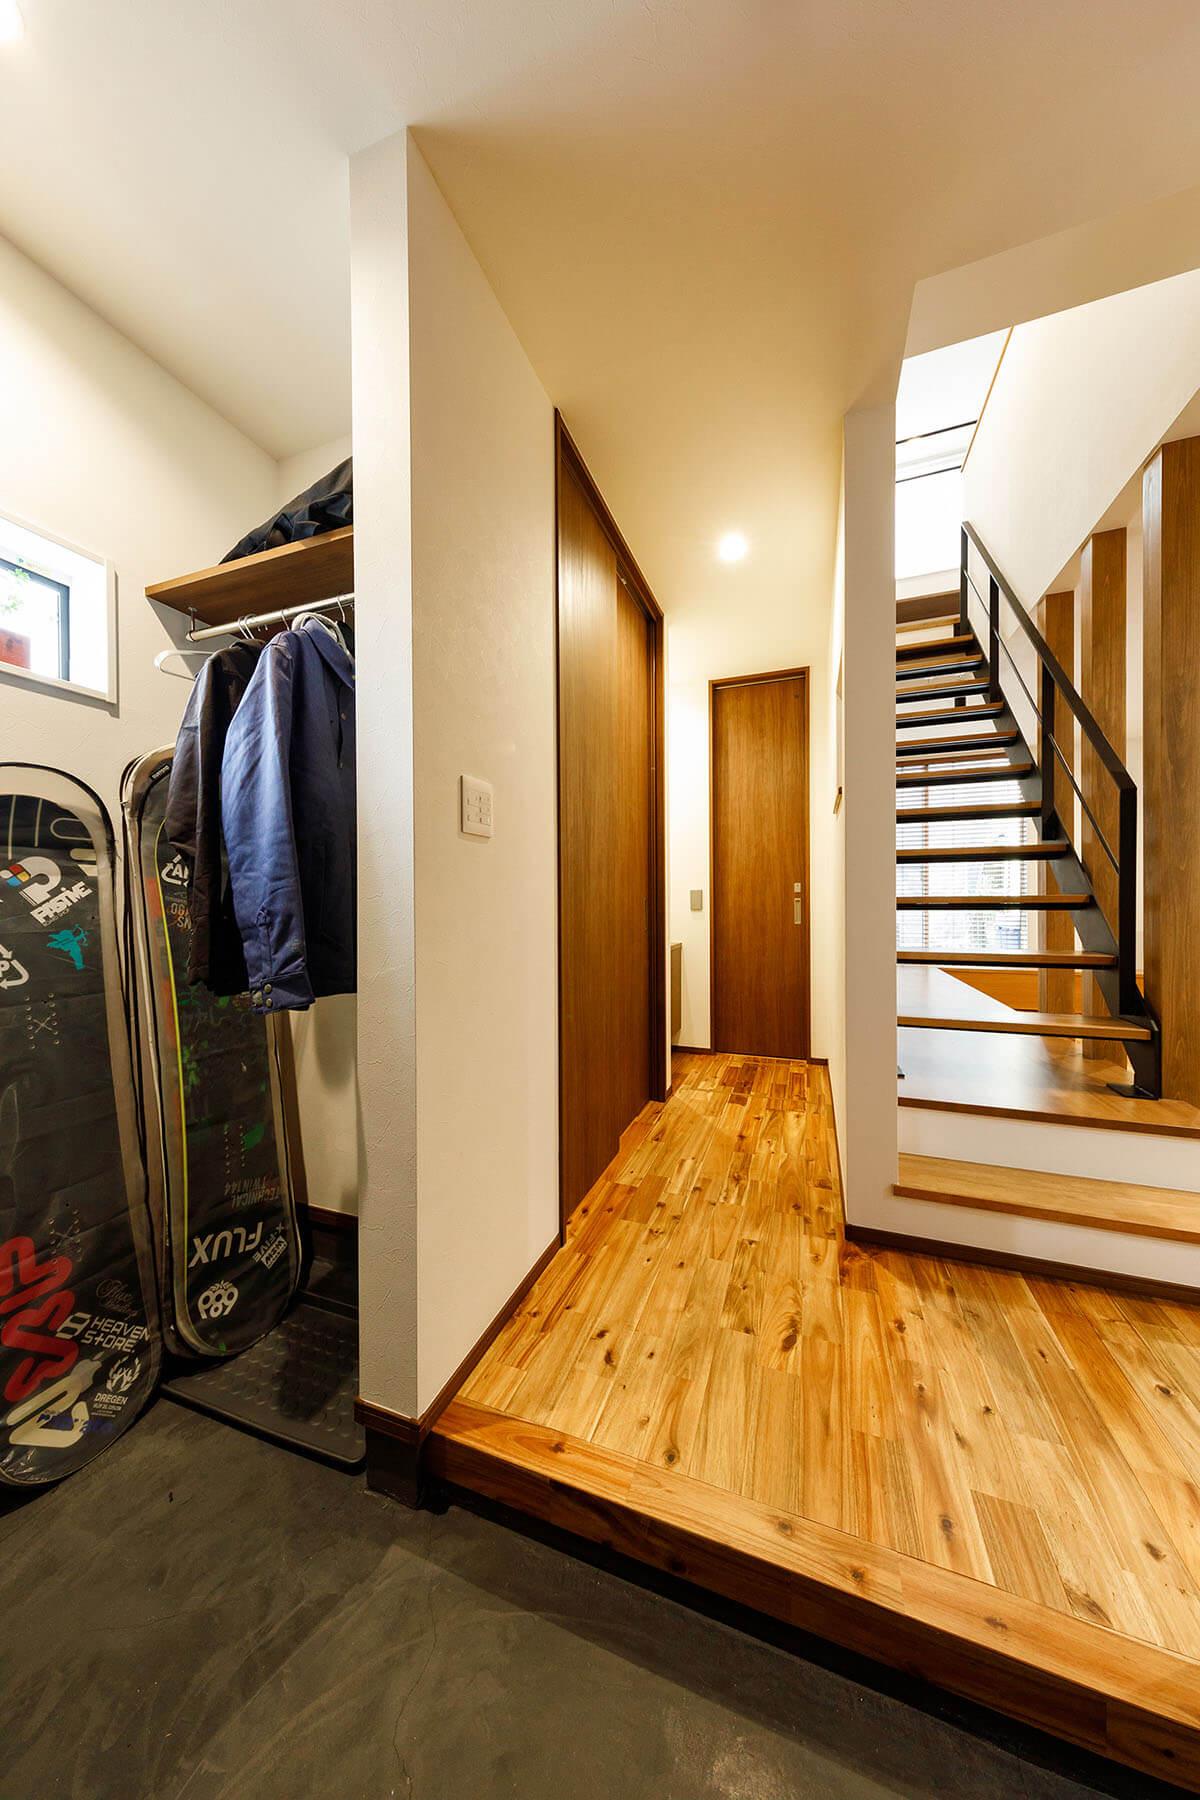 玄関から室内を見た様子。玄関の左には広々としたオープン収納を設置しました。LDKと間仕切りなくつながる空間ですが、高い気密・断熱性能により暑さや寒さを気にすることなく快適に過ごすことができます。